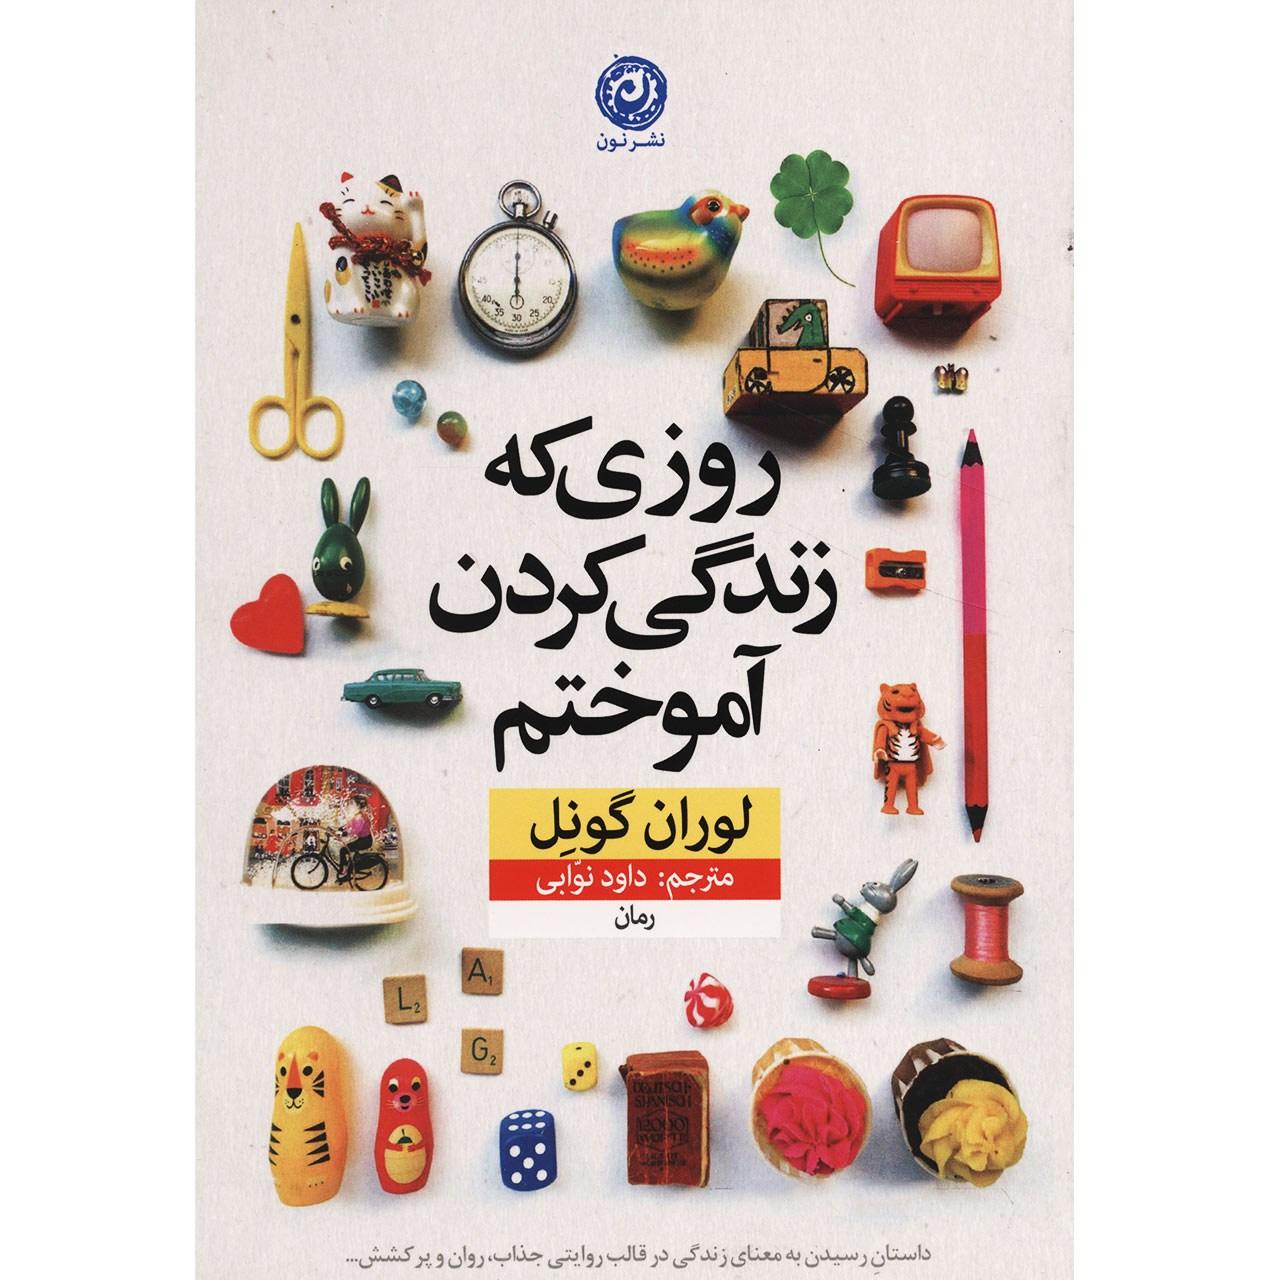 کتاب روزی که زندگی کردم آموختم اثر لوران گونل